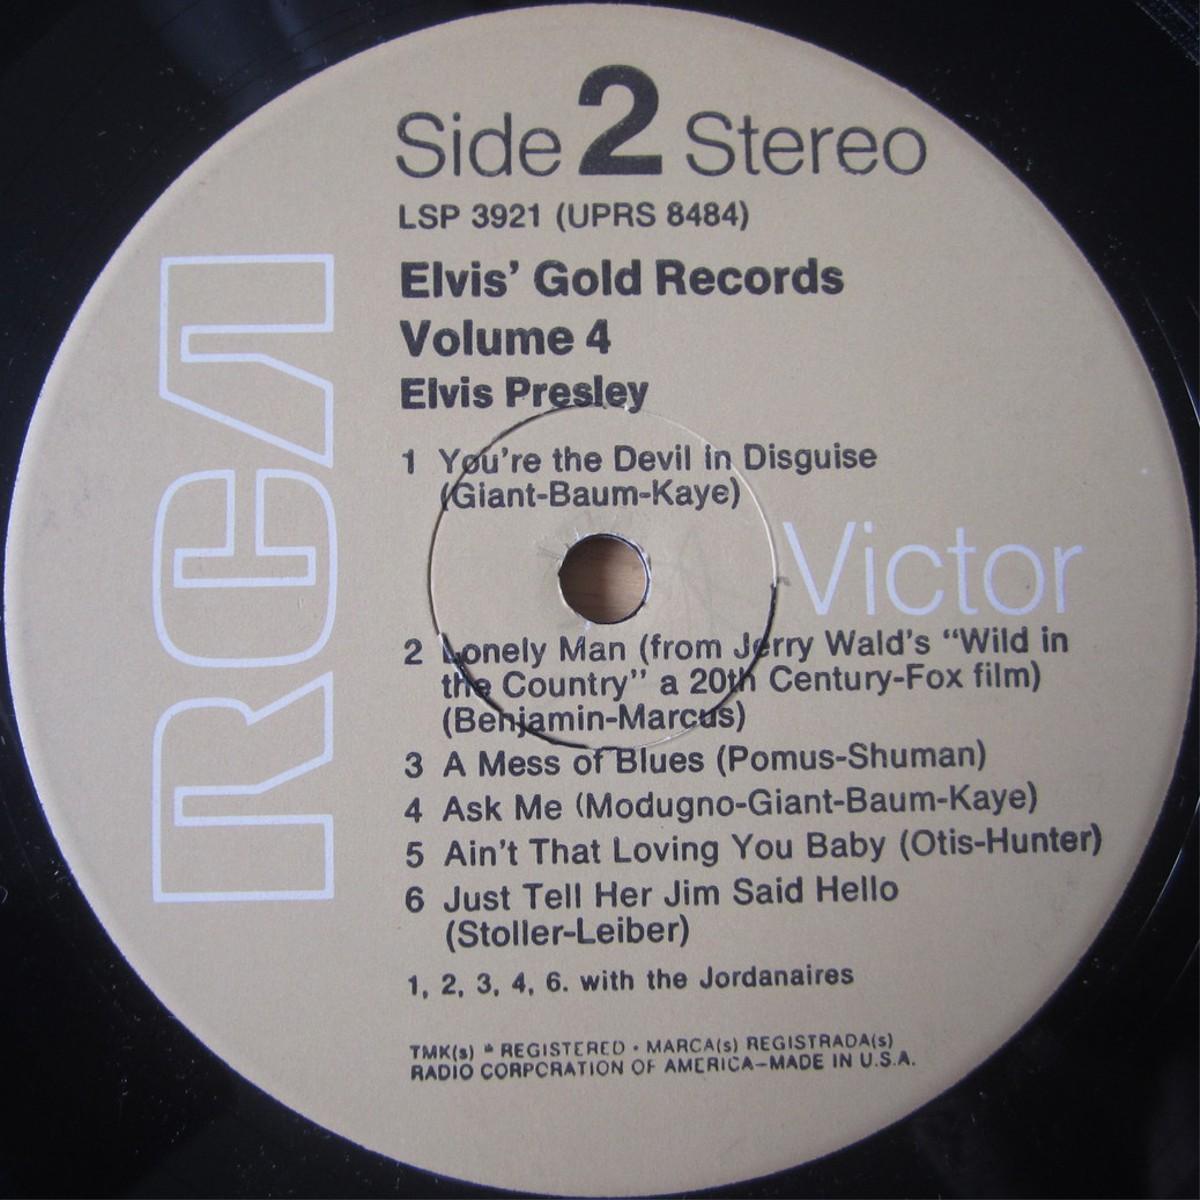 ELVIS' GOLD RECORDS VOL 4 Lsp3921d4ru95